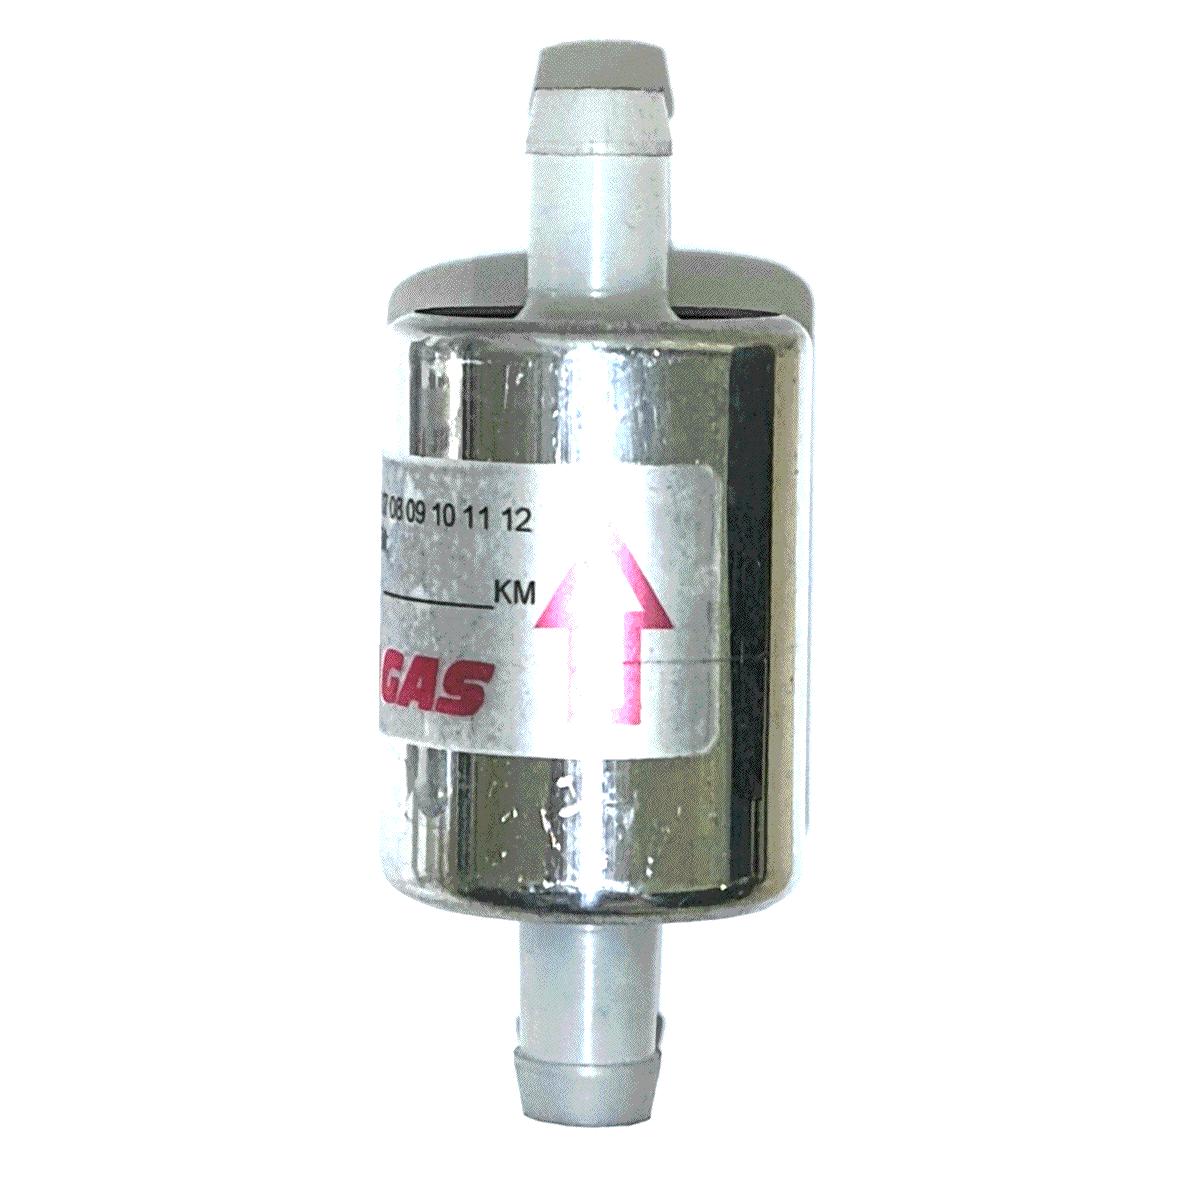 24 Filtros 12mm TROIAGAS 5ª e 6ª geração GNV protege bicos maioria dos kits